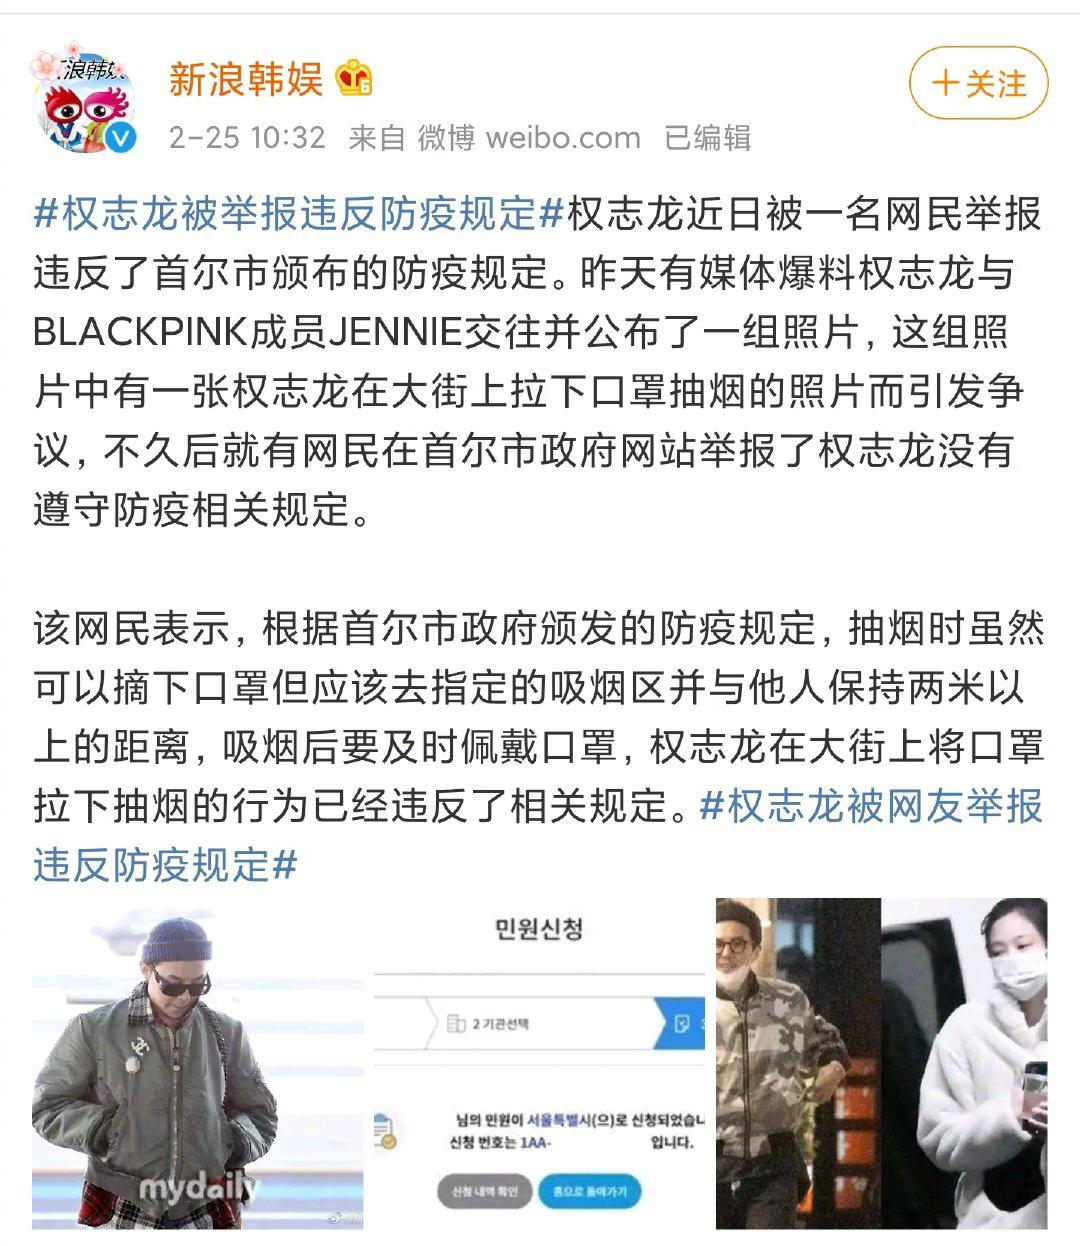 权志龙被举报违反防疫规定 恋情曝光女友粉因爱生恨了吗